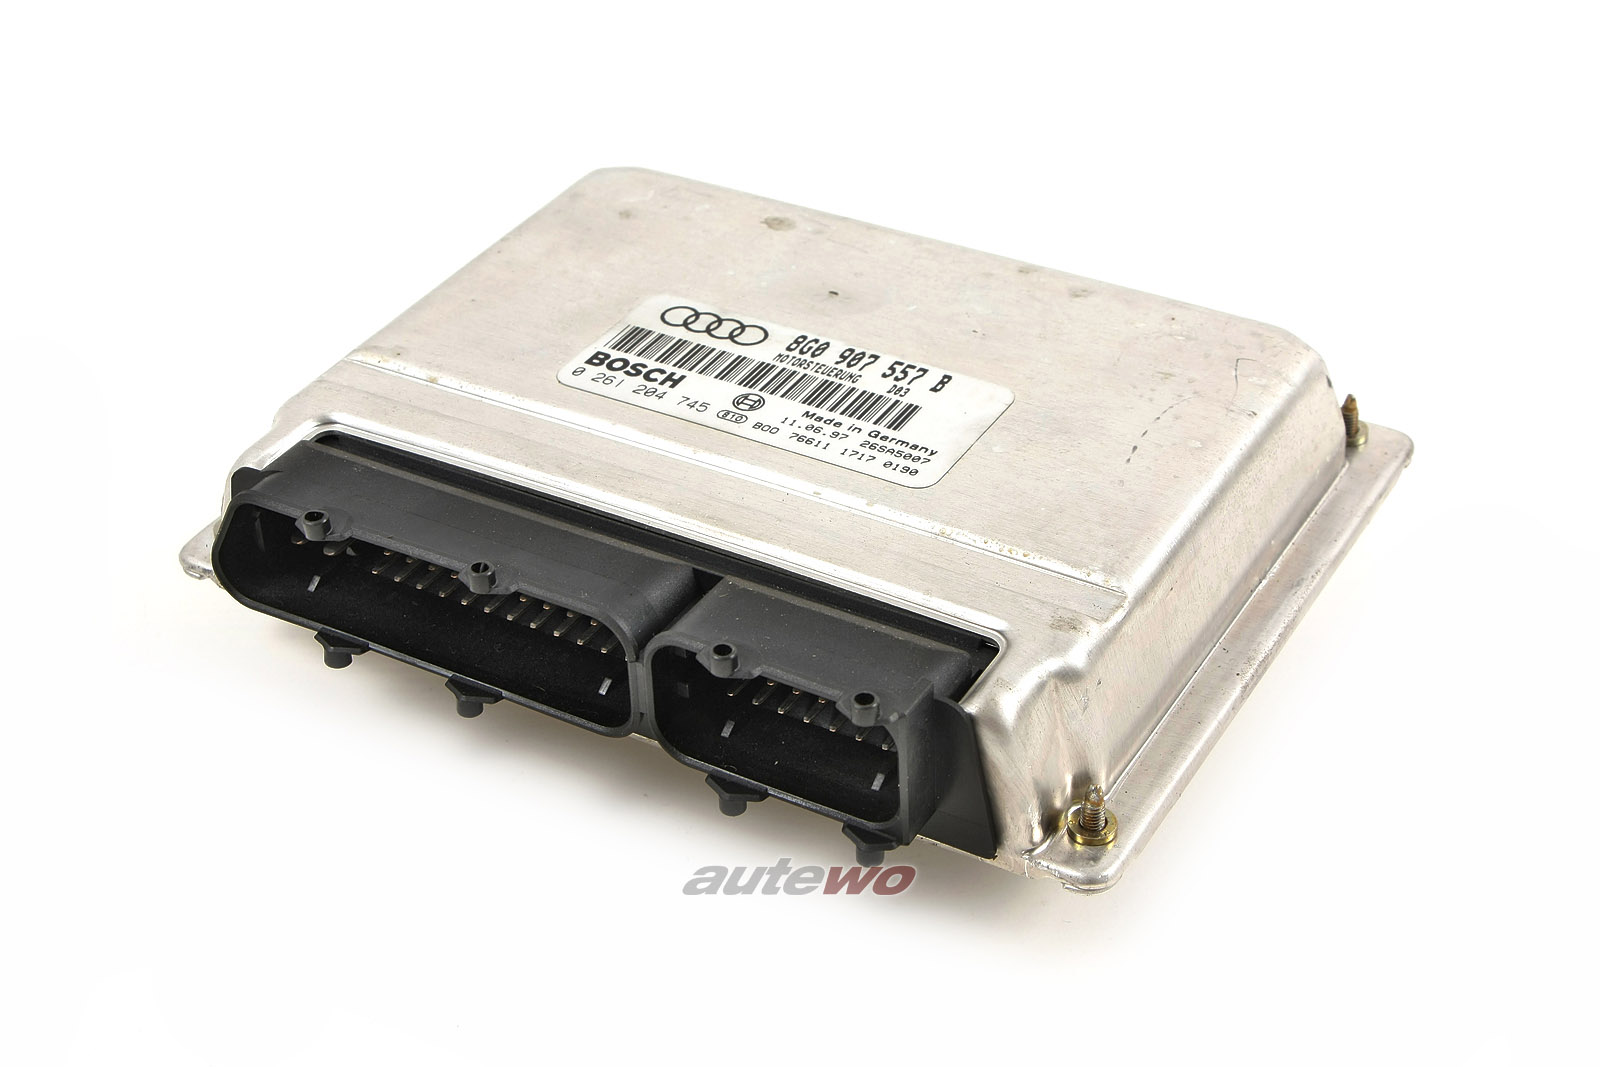 8G0997557 X 8G0907557B 0261204745 Audi 80 Cabrio 89 1.8l Motorsteuergerät